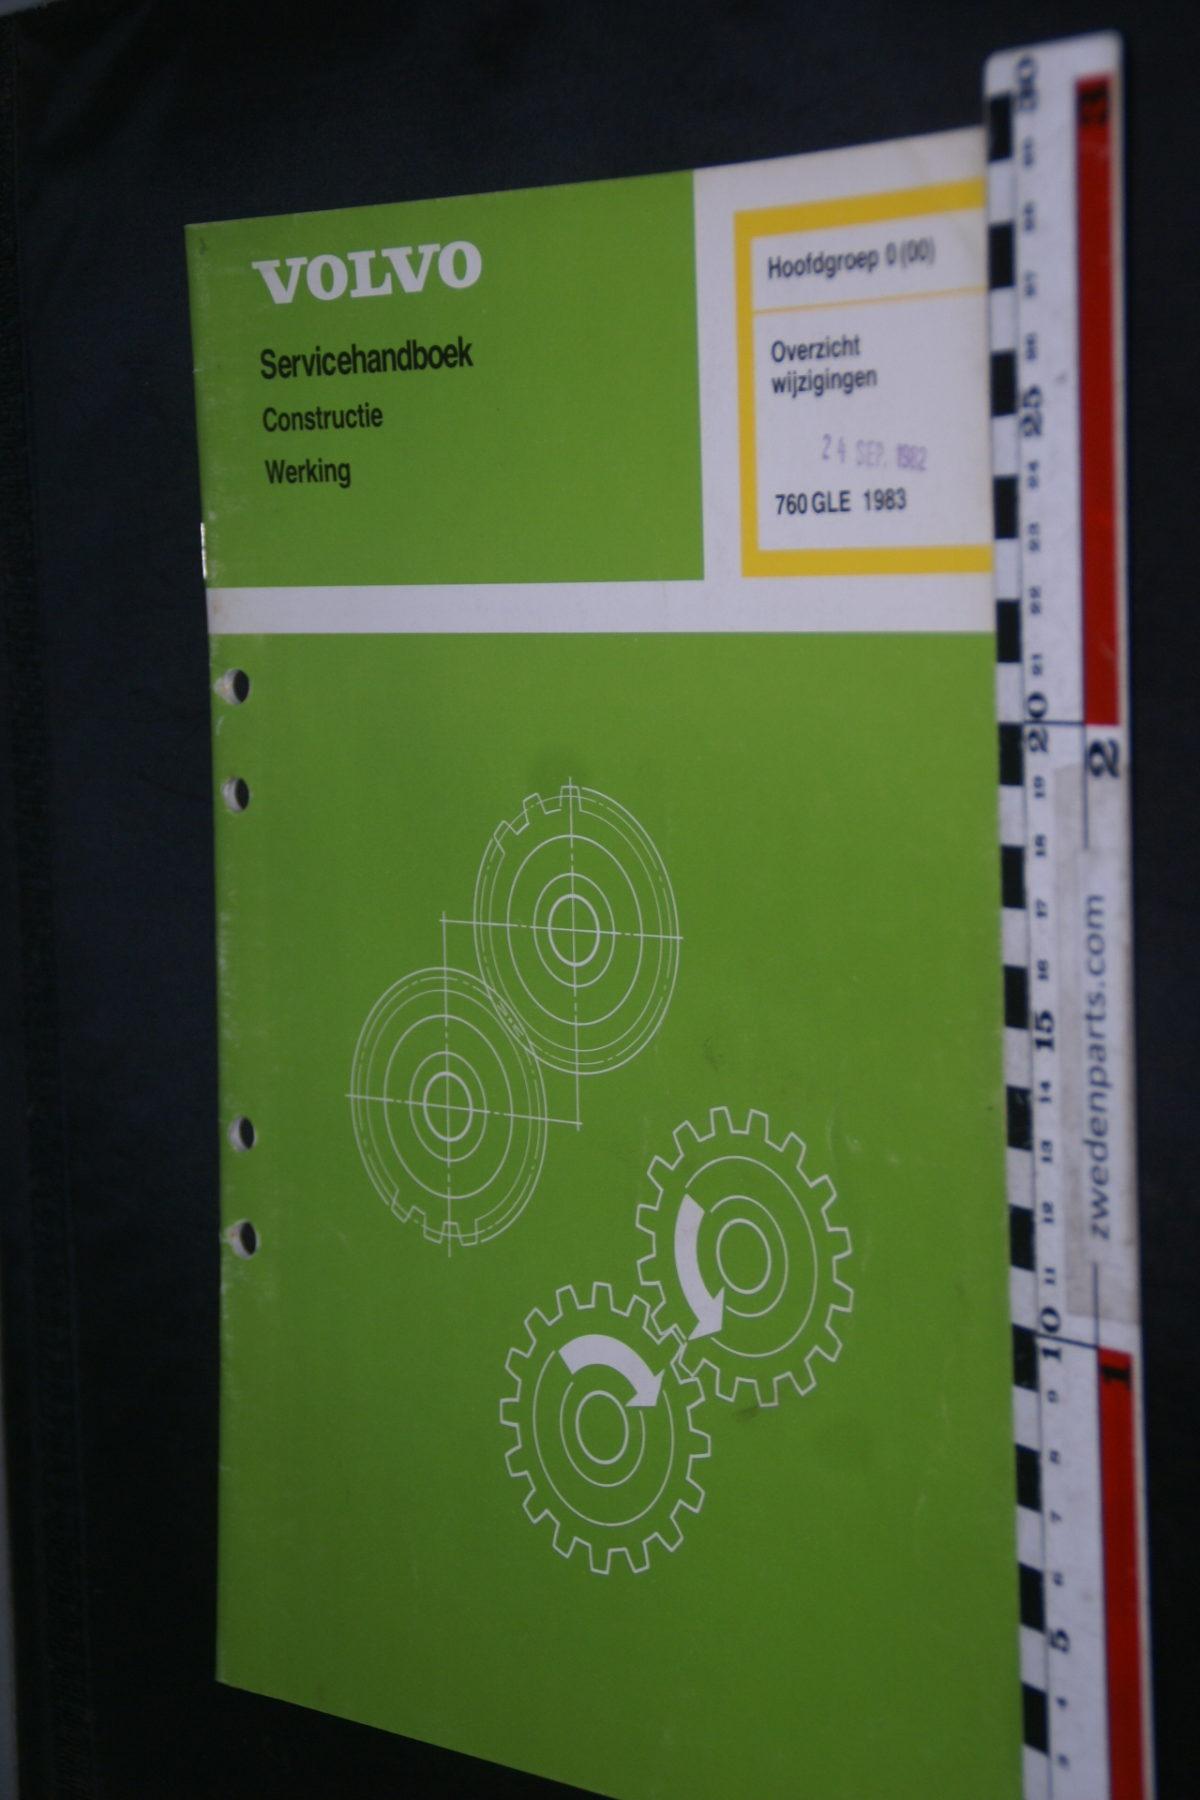 DSC08597 1983 origineel Volvo 760GLE servicehandboek  0 (00) overzicht wijzigingen 1 van 1.200 TP 30537-1